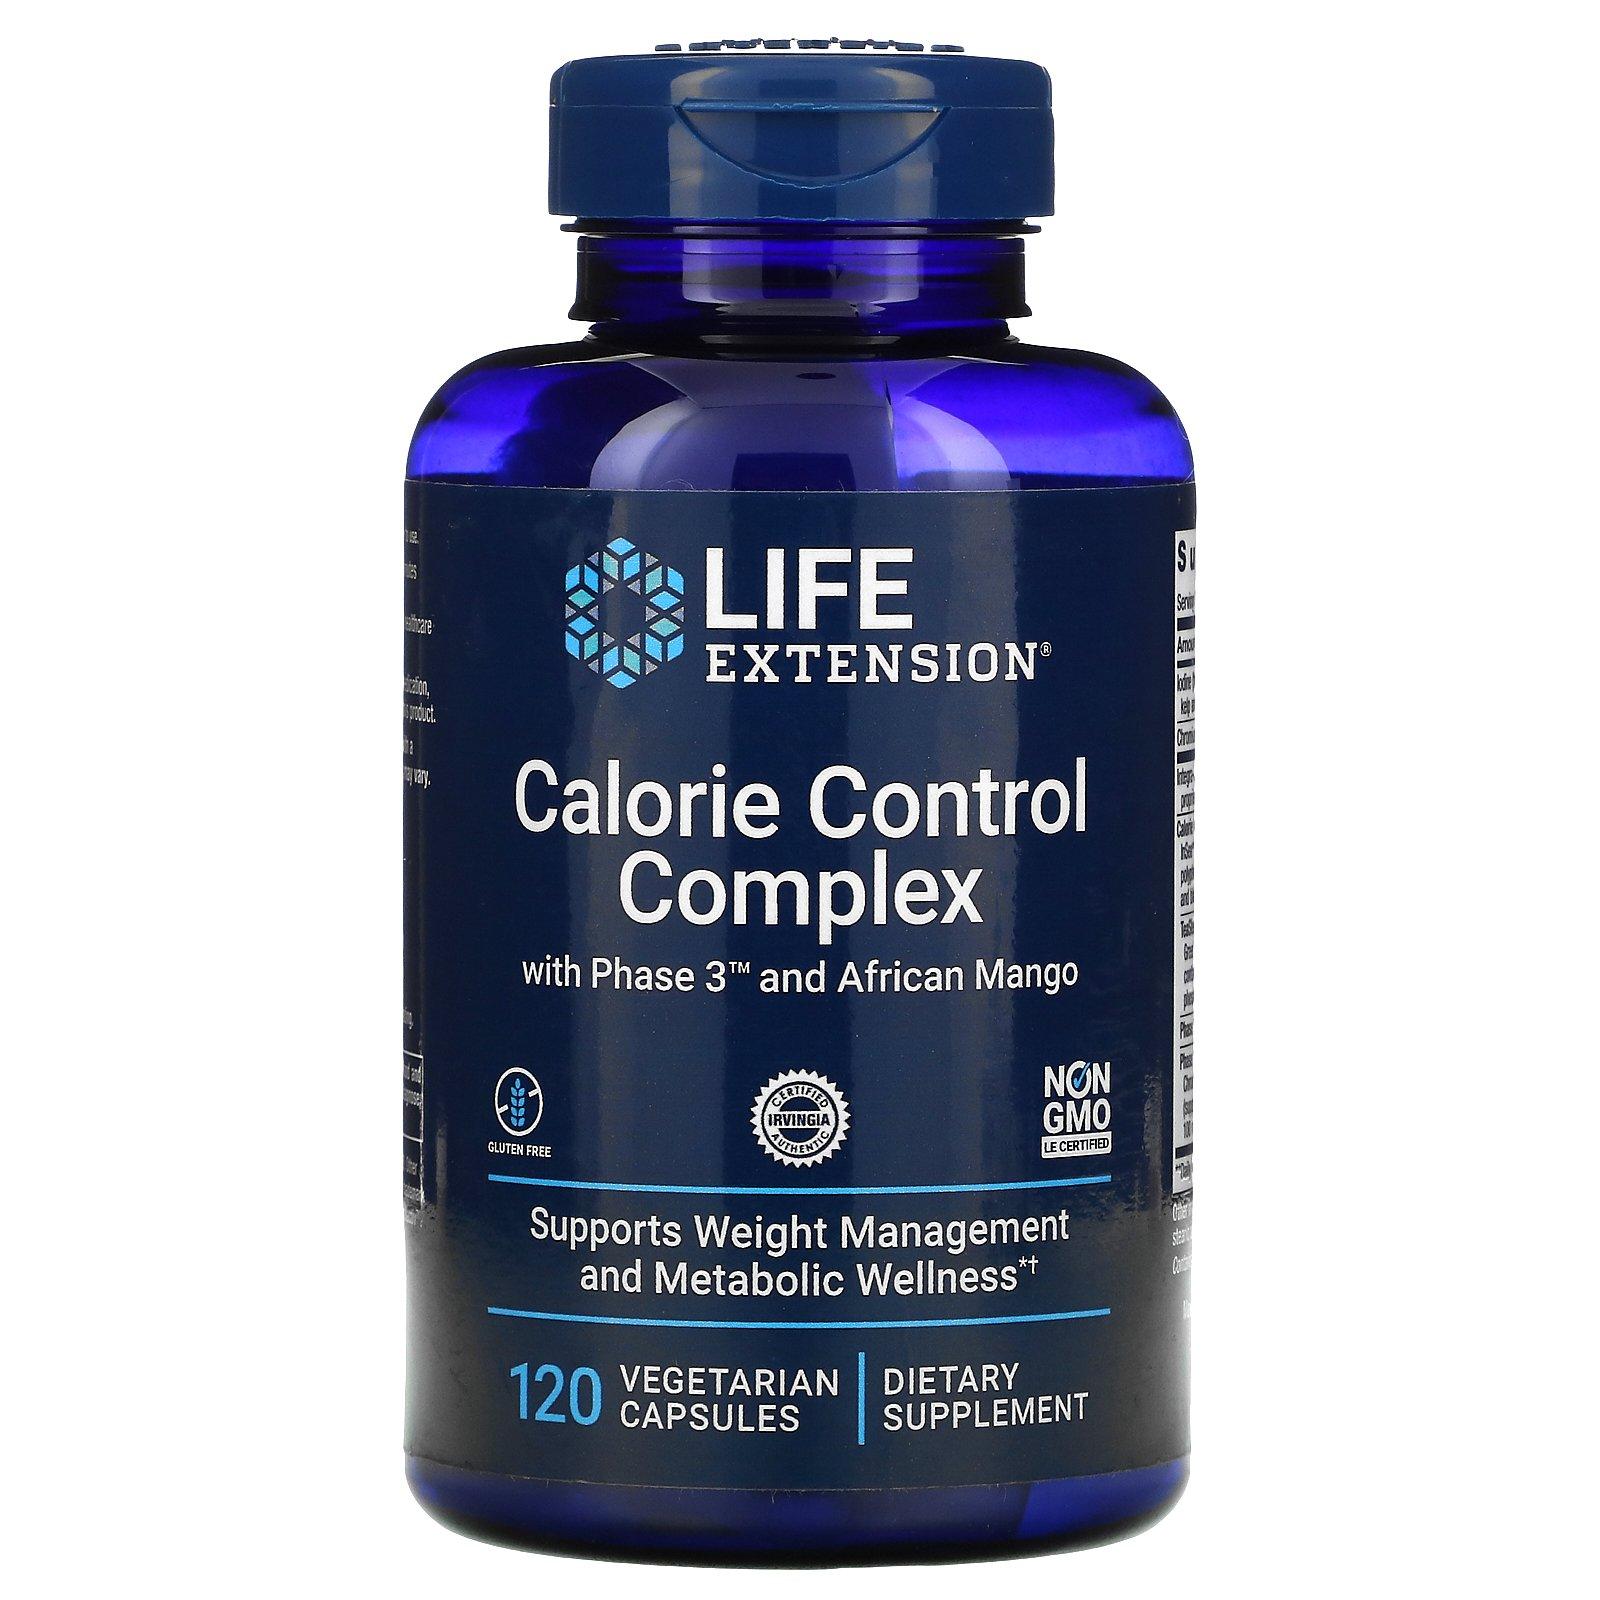 Life Extension, комплекс для контроля калорий с Phase 3 и африканским манго, 120 вегетарианских капсул